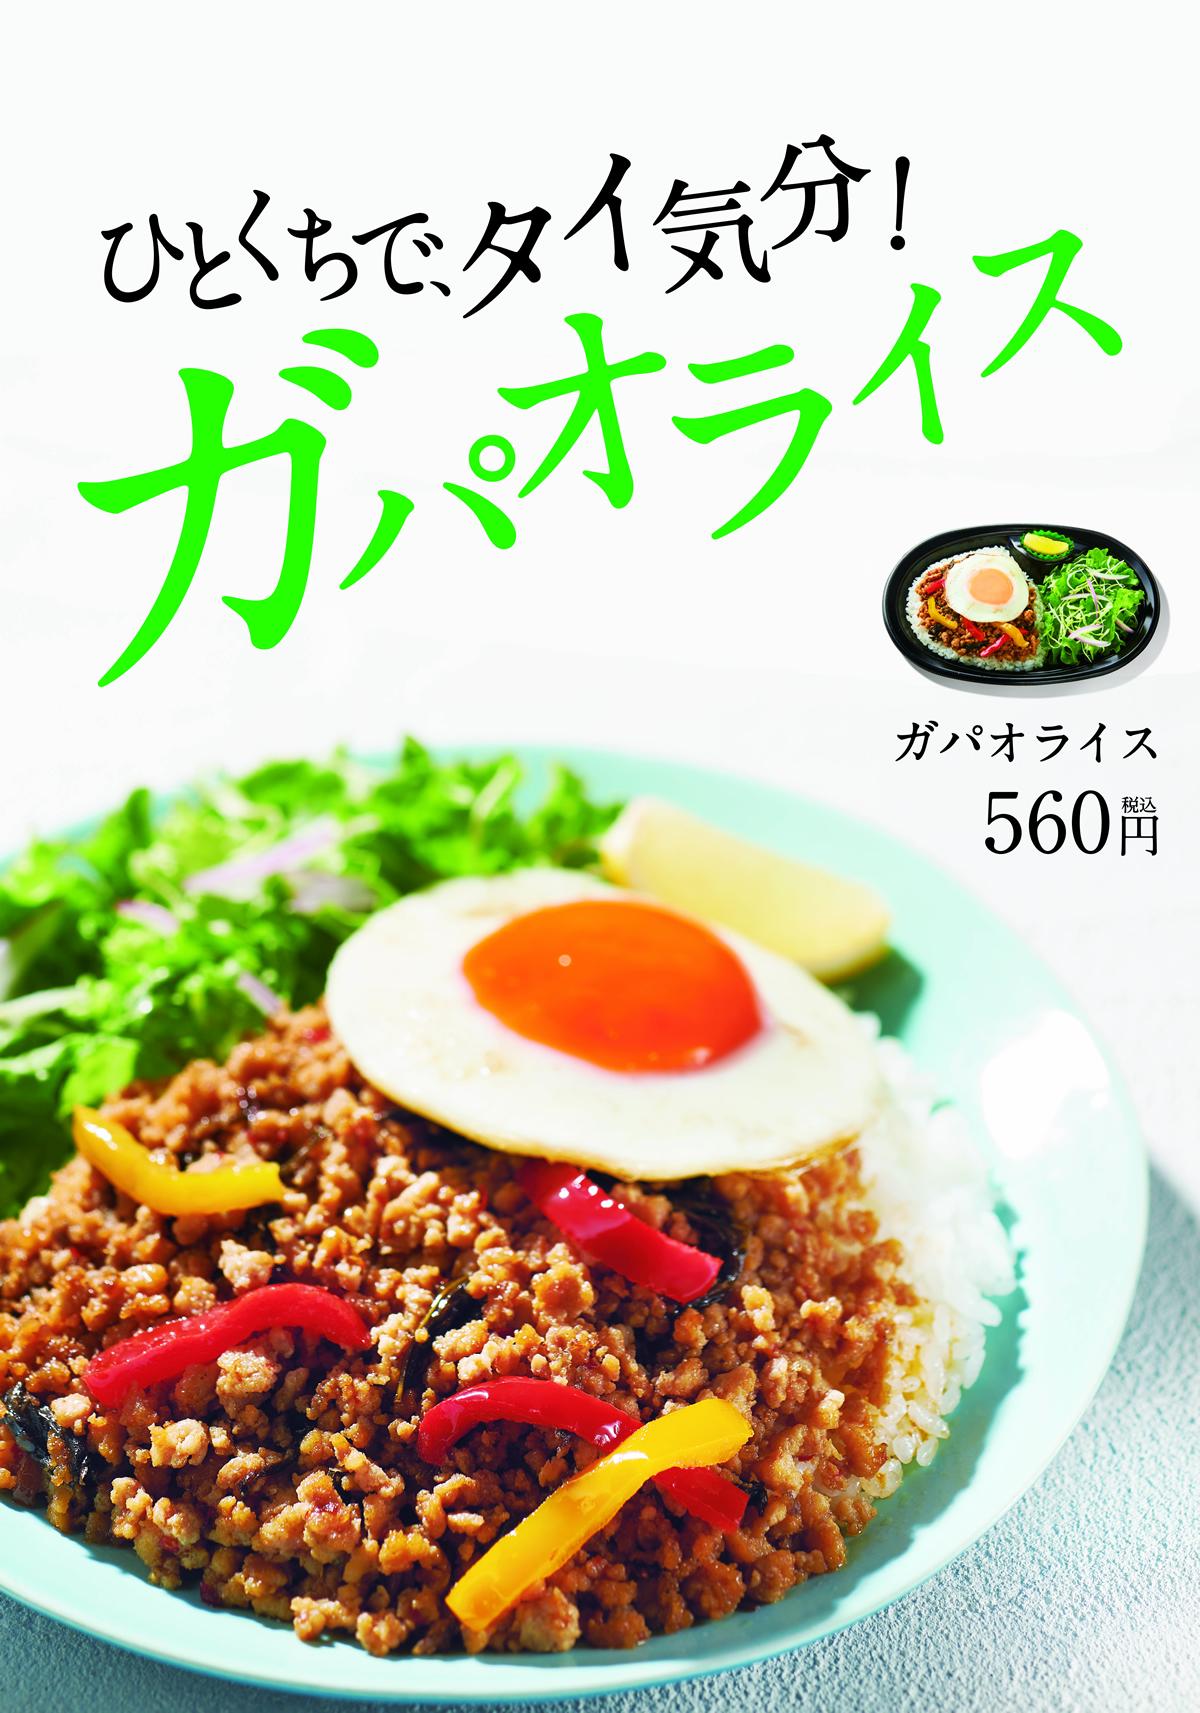 「ほっともっと」タイ直輸入ソースで炒めた『ガパオライス』(560円)発売